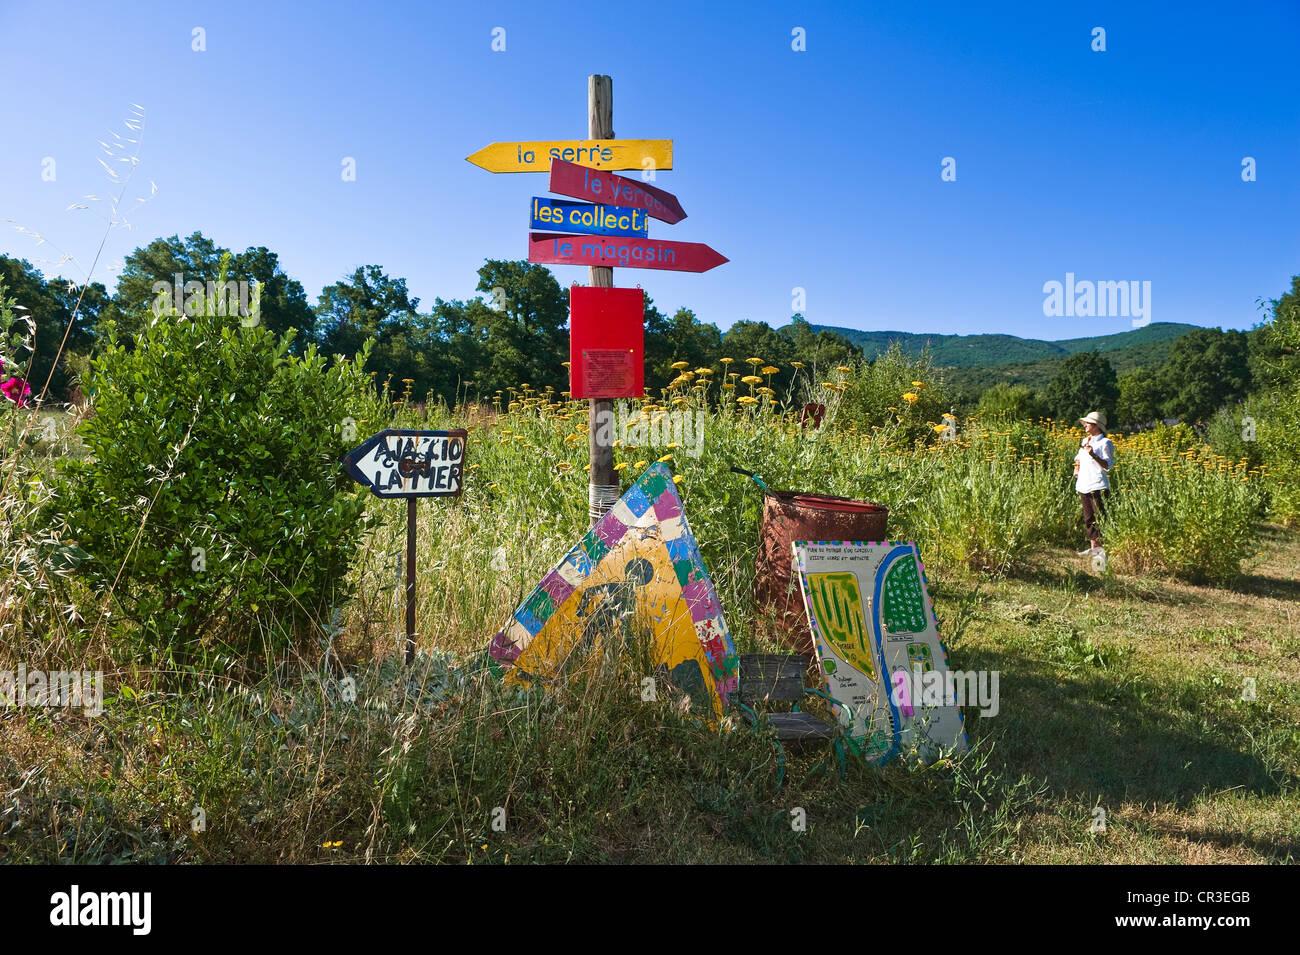 France, Vaucluse, Luberon, Saignon, Potager du Curieux (vegetatble patch of the curious minded), conservatory garden - Stock Image